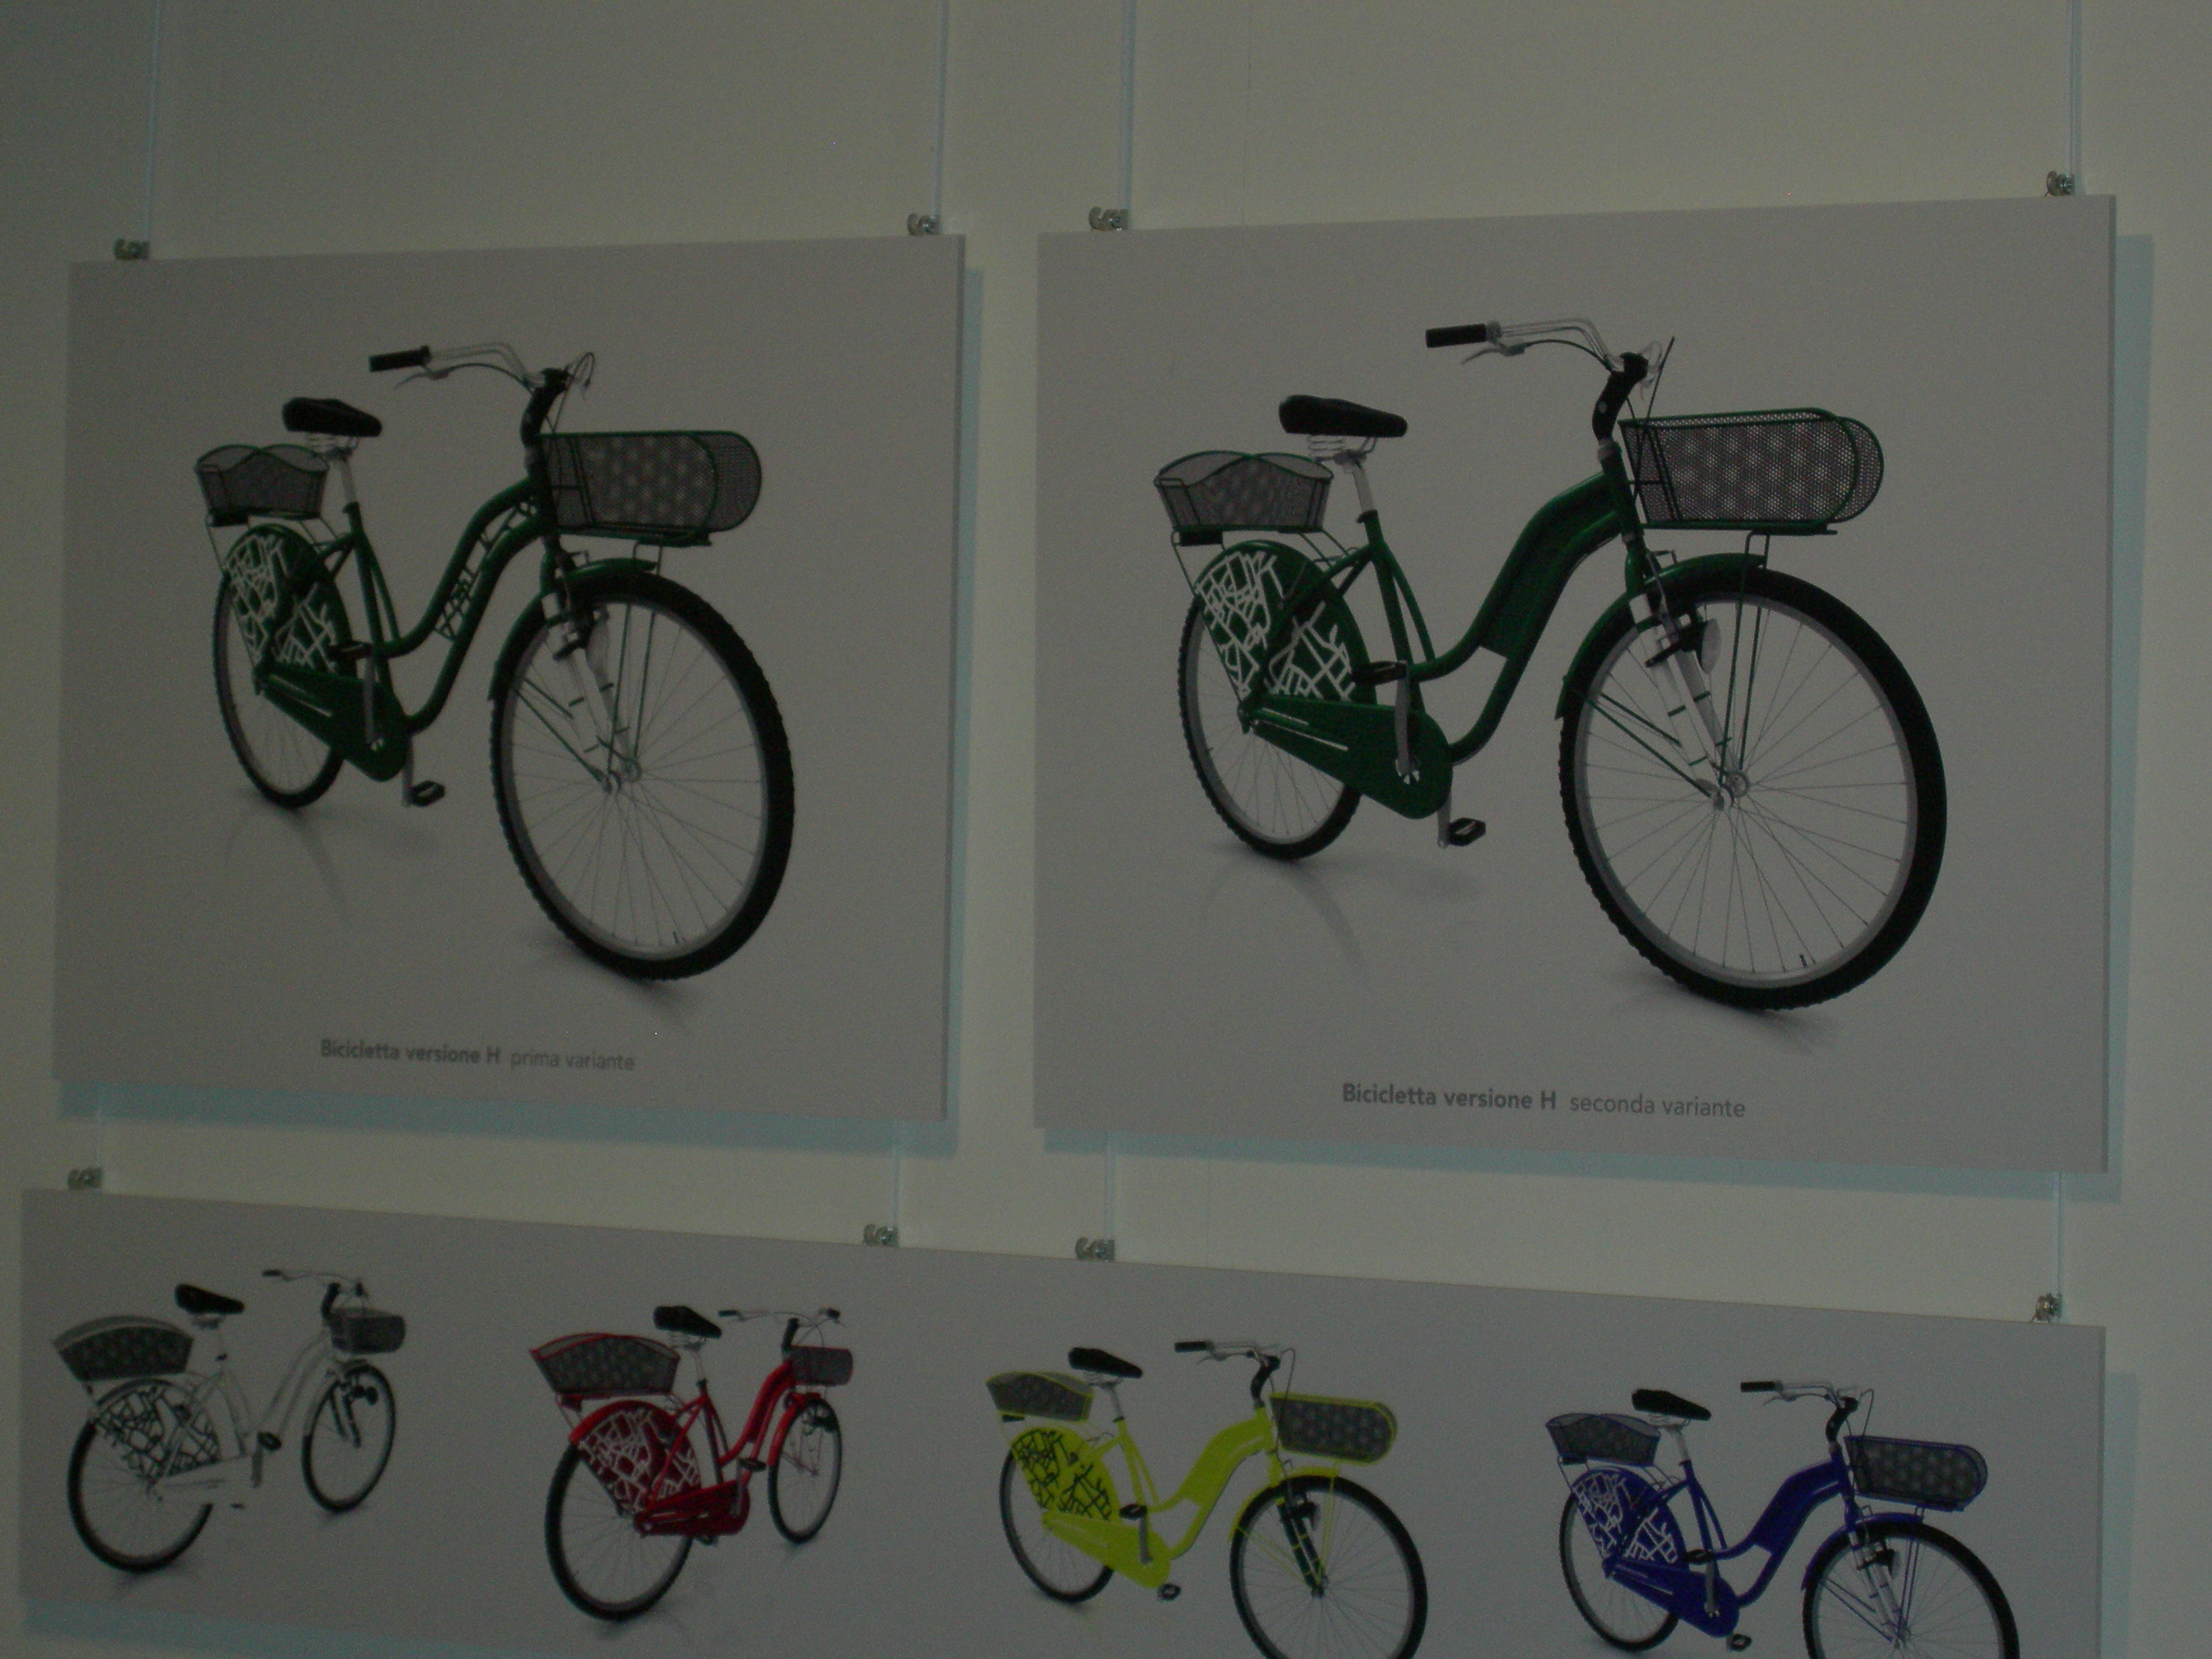 Manifesto per la bicicletta